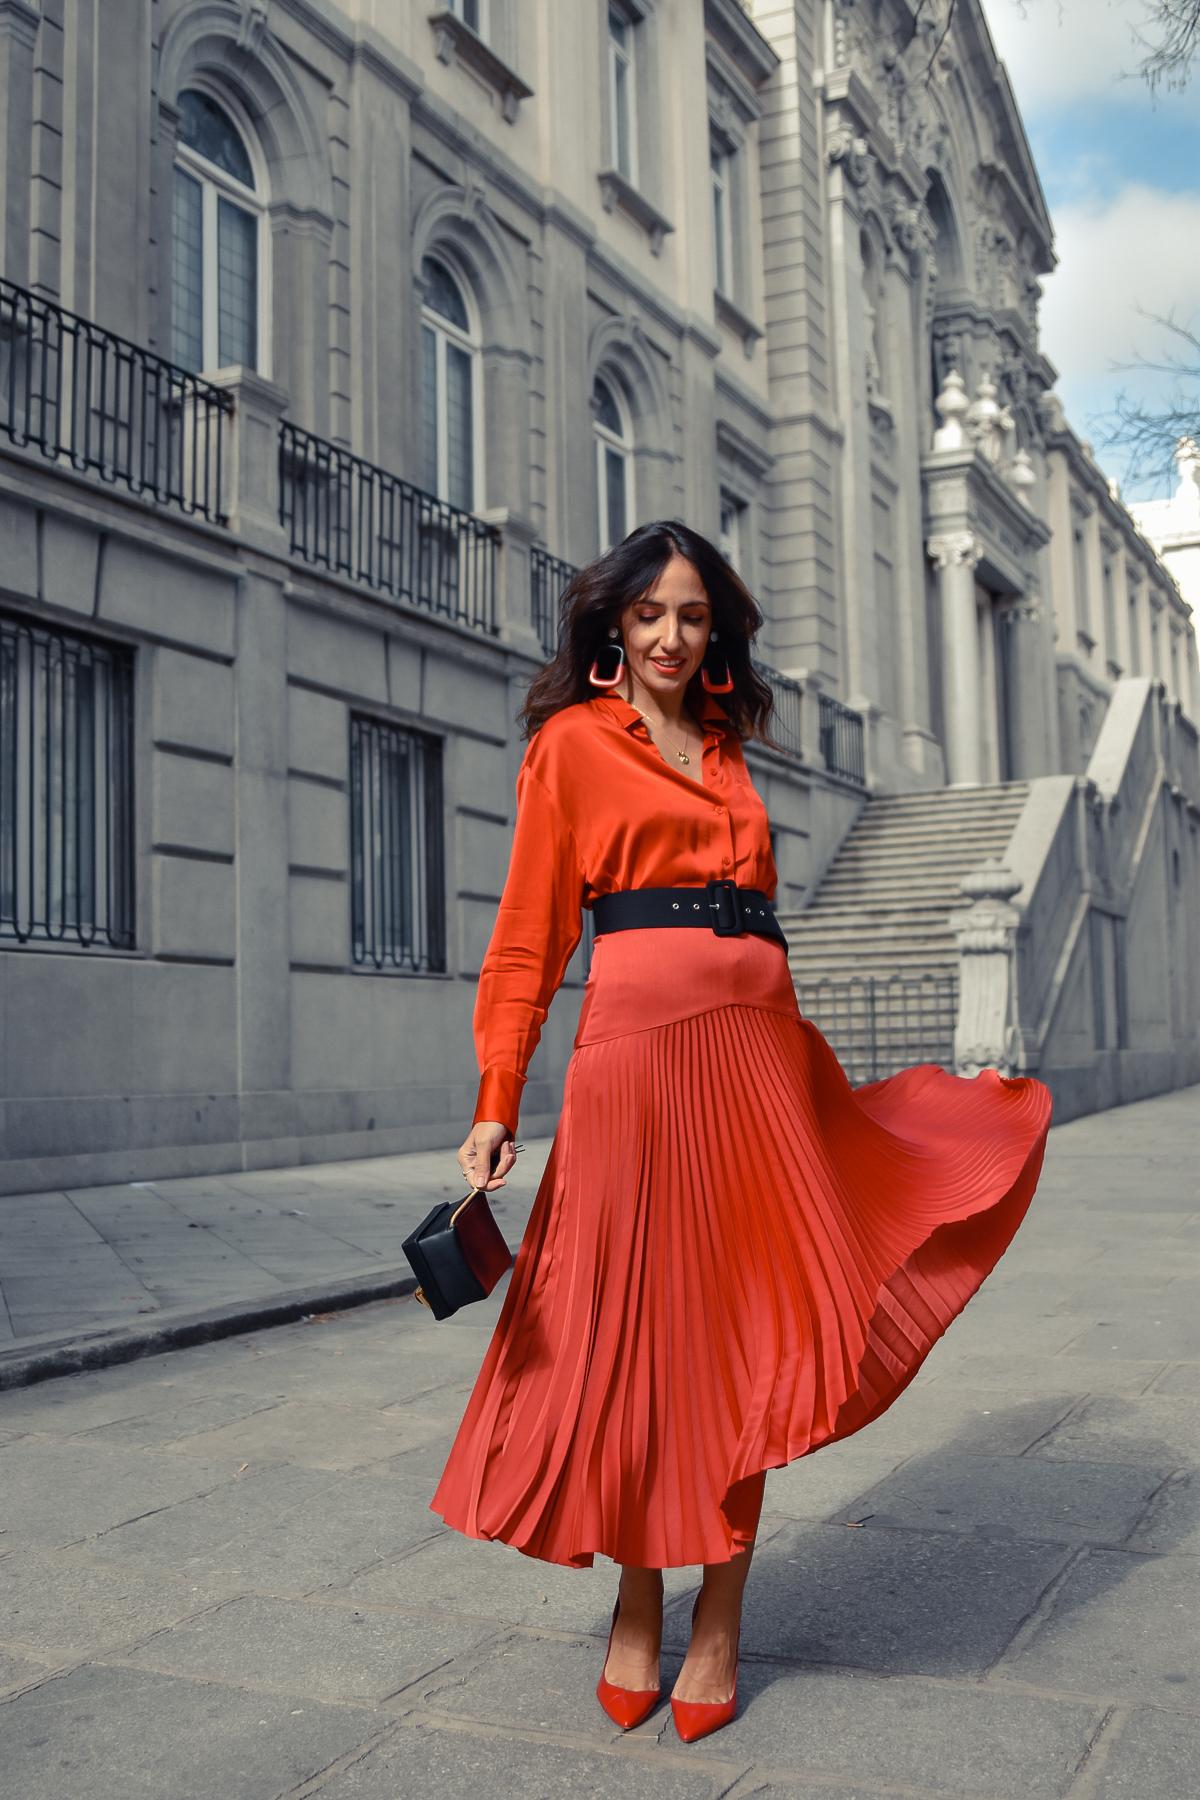 el-blog-de-silvia-total-look-rojo-falda-plisada-01